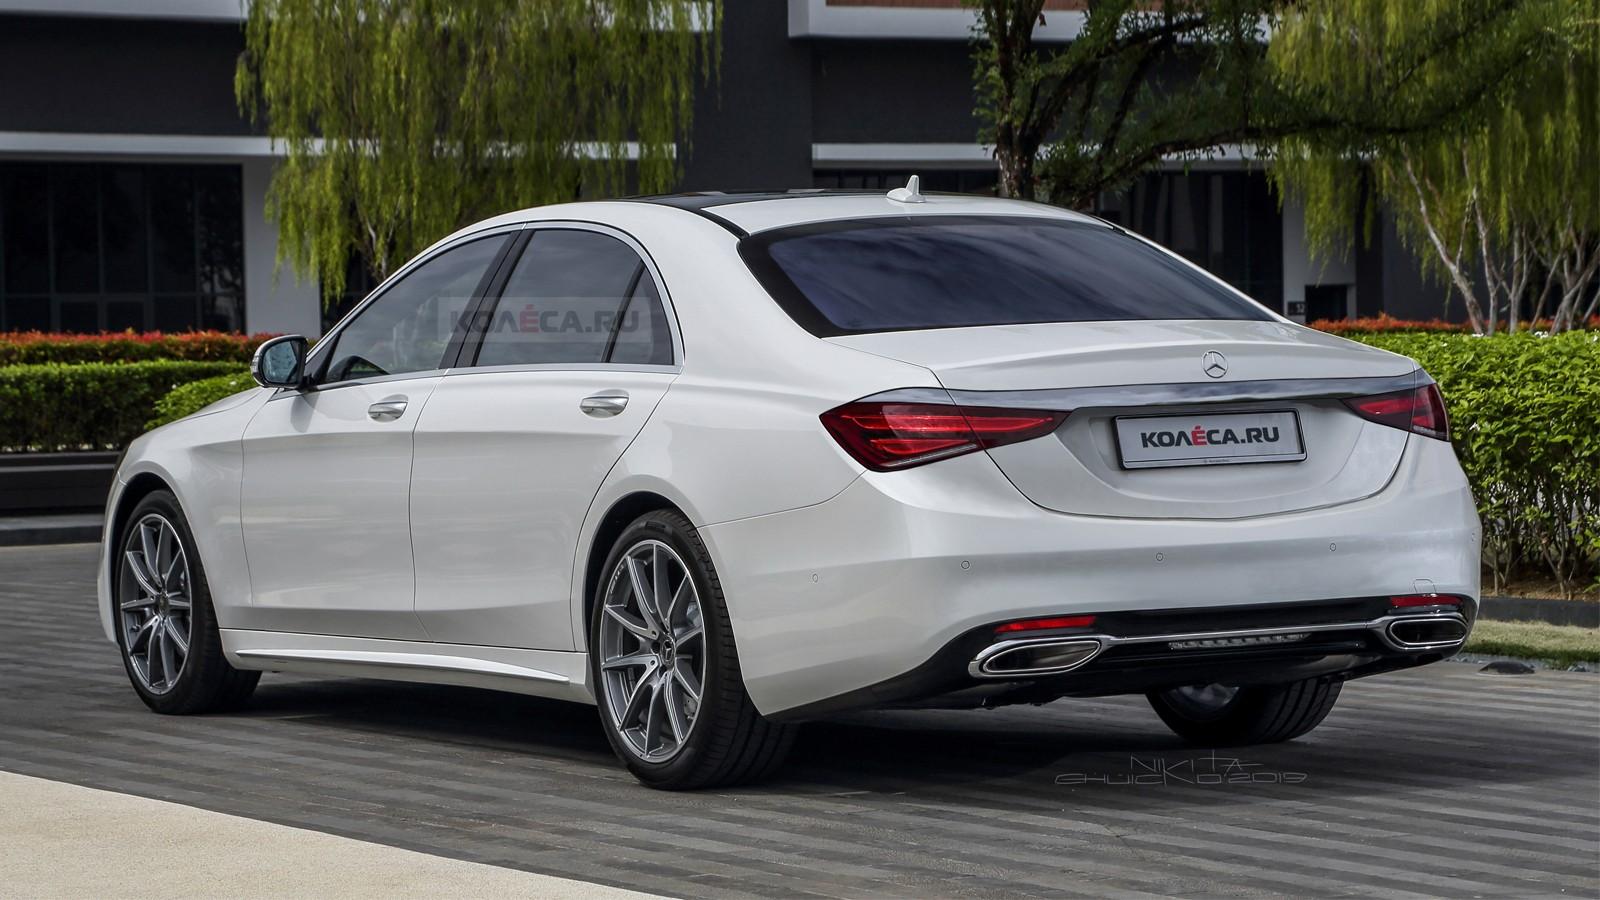 2020 Mercedes S-Class Prototype Filmed in German Traffic ...